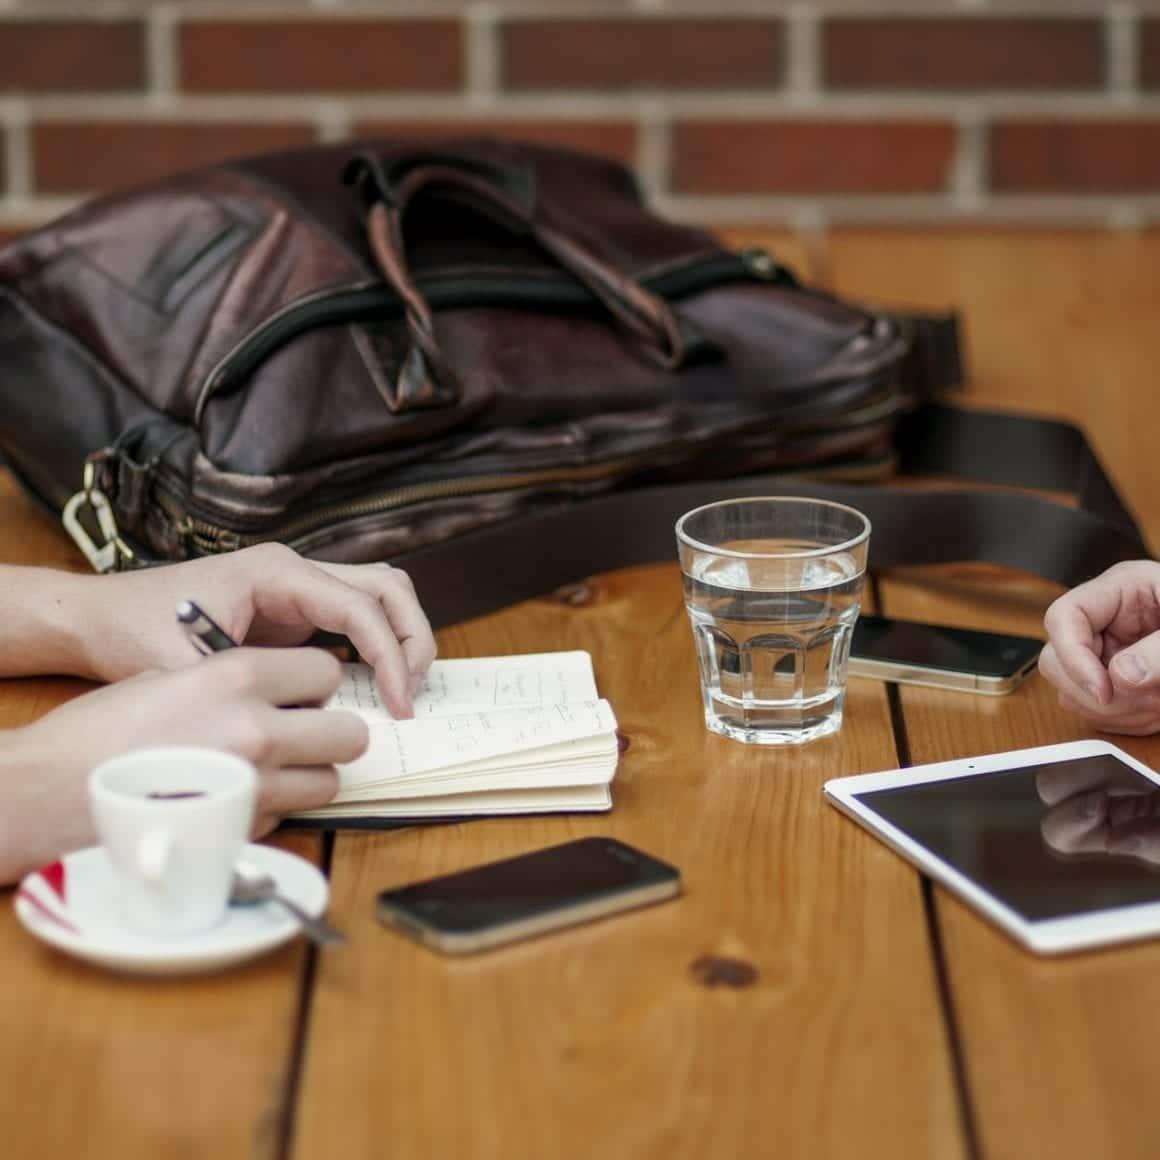 Ipad med abonnemang på bord vid möte.